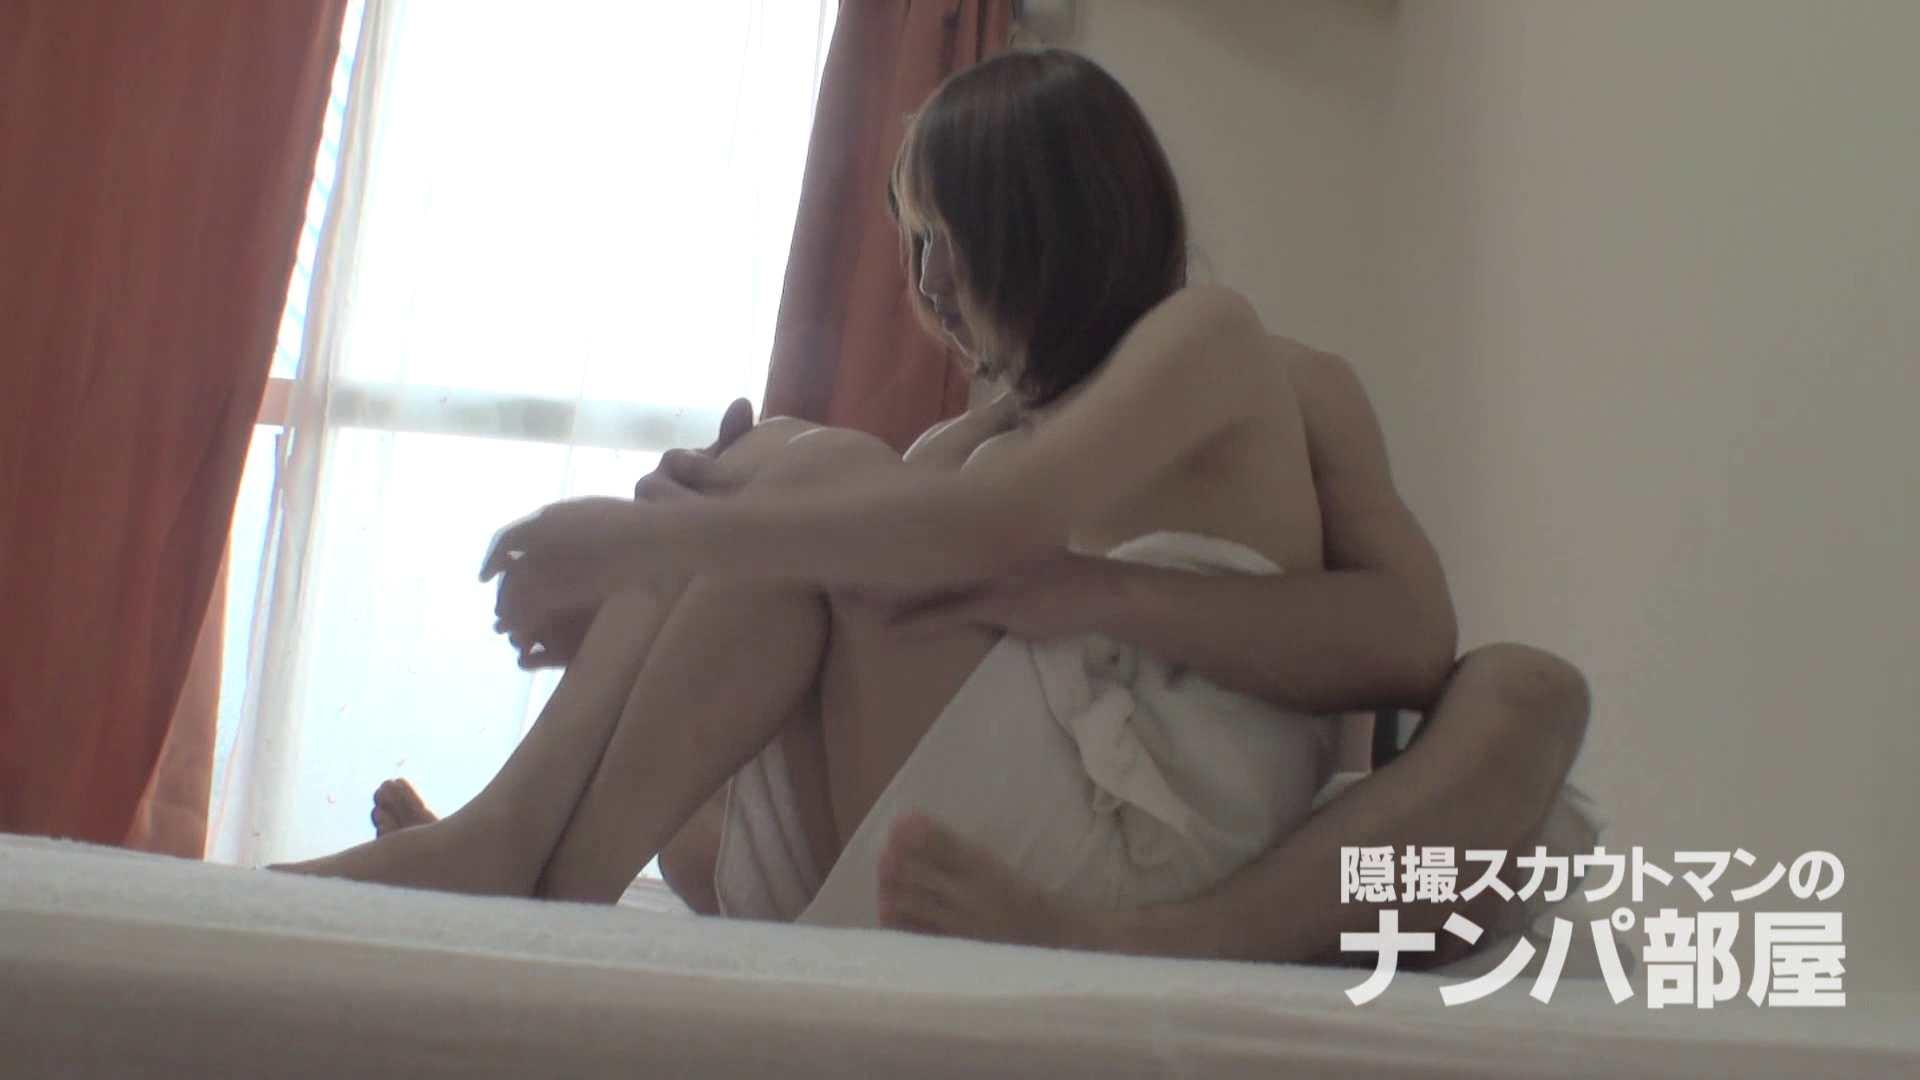 隠撮スカウトマンのナンパ部屋~風俗デビュー前のつまみ食い~ sii 脱衣所  90連発 66